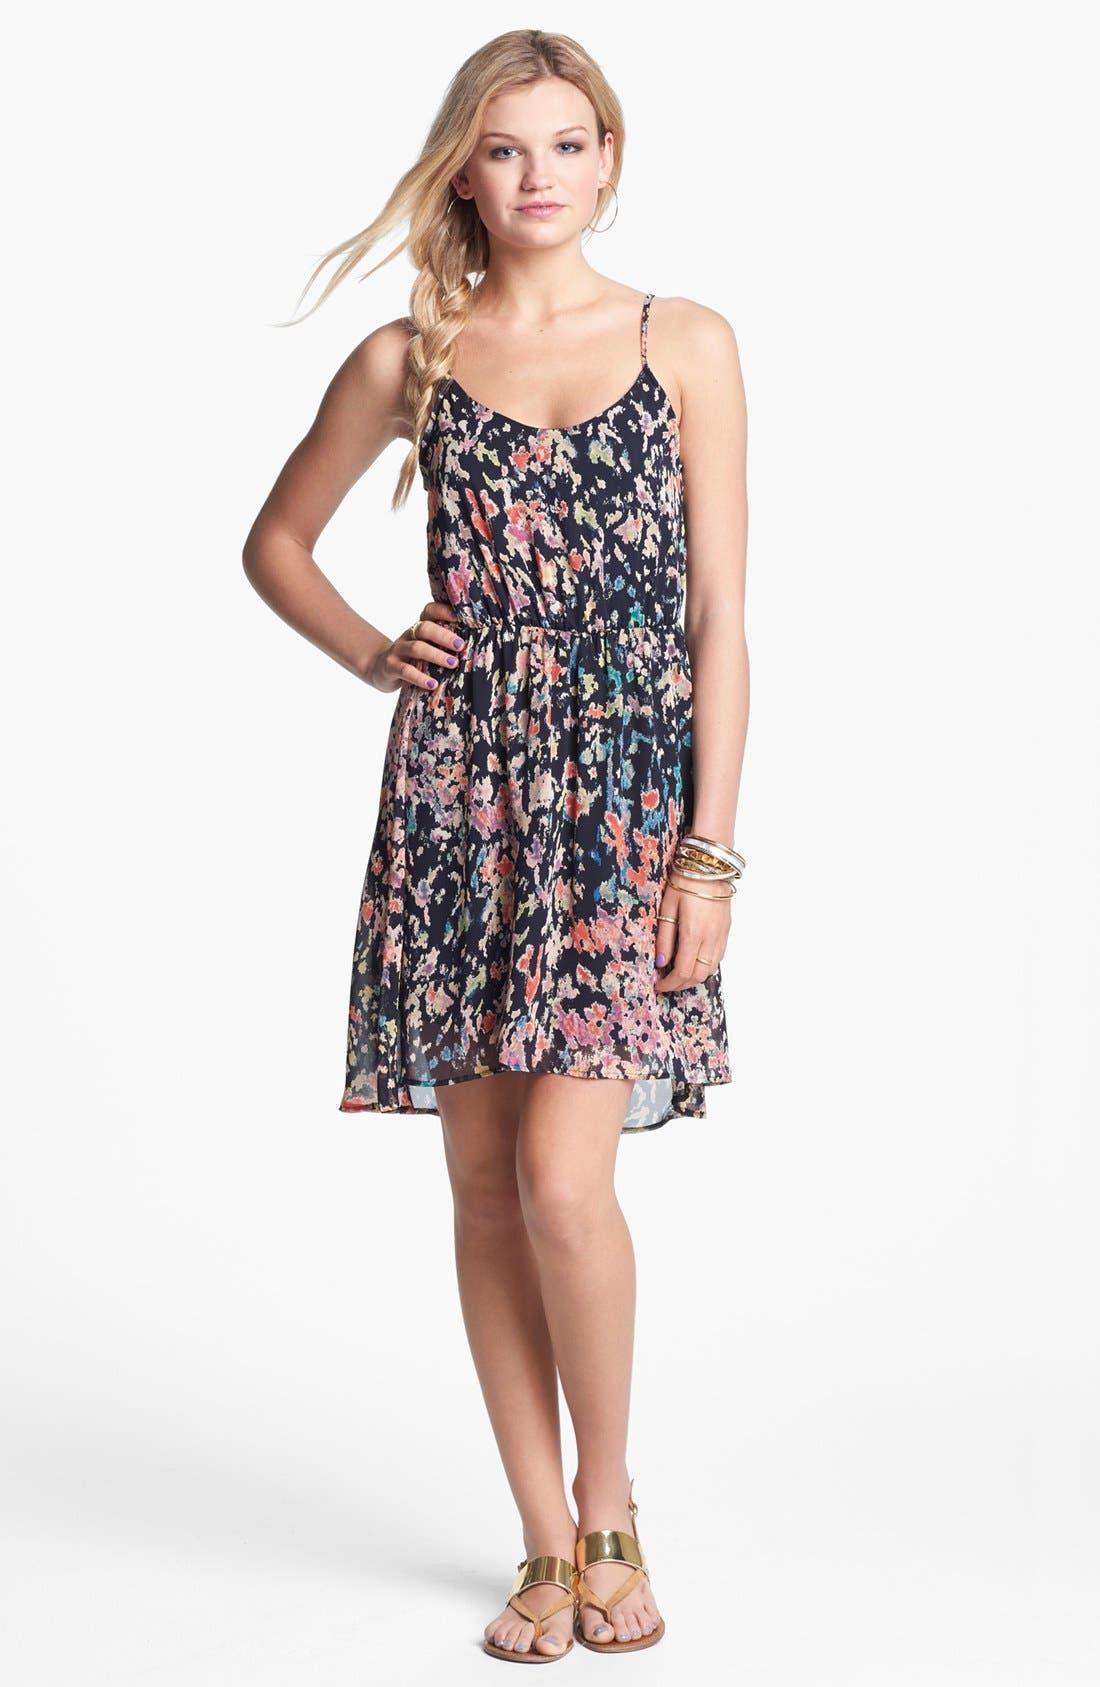 Alternate Image 1 Selected - Lush Cutout Ruffle Chiffon Dress (Juniors)